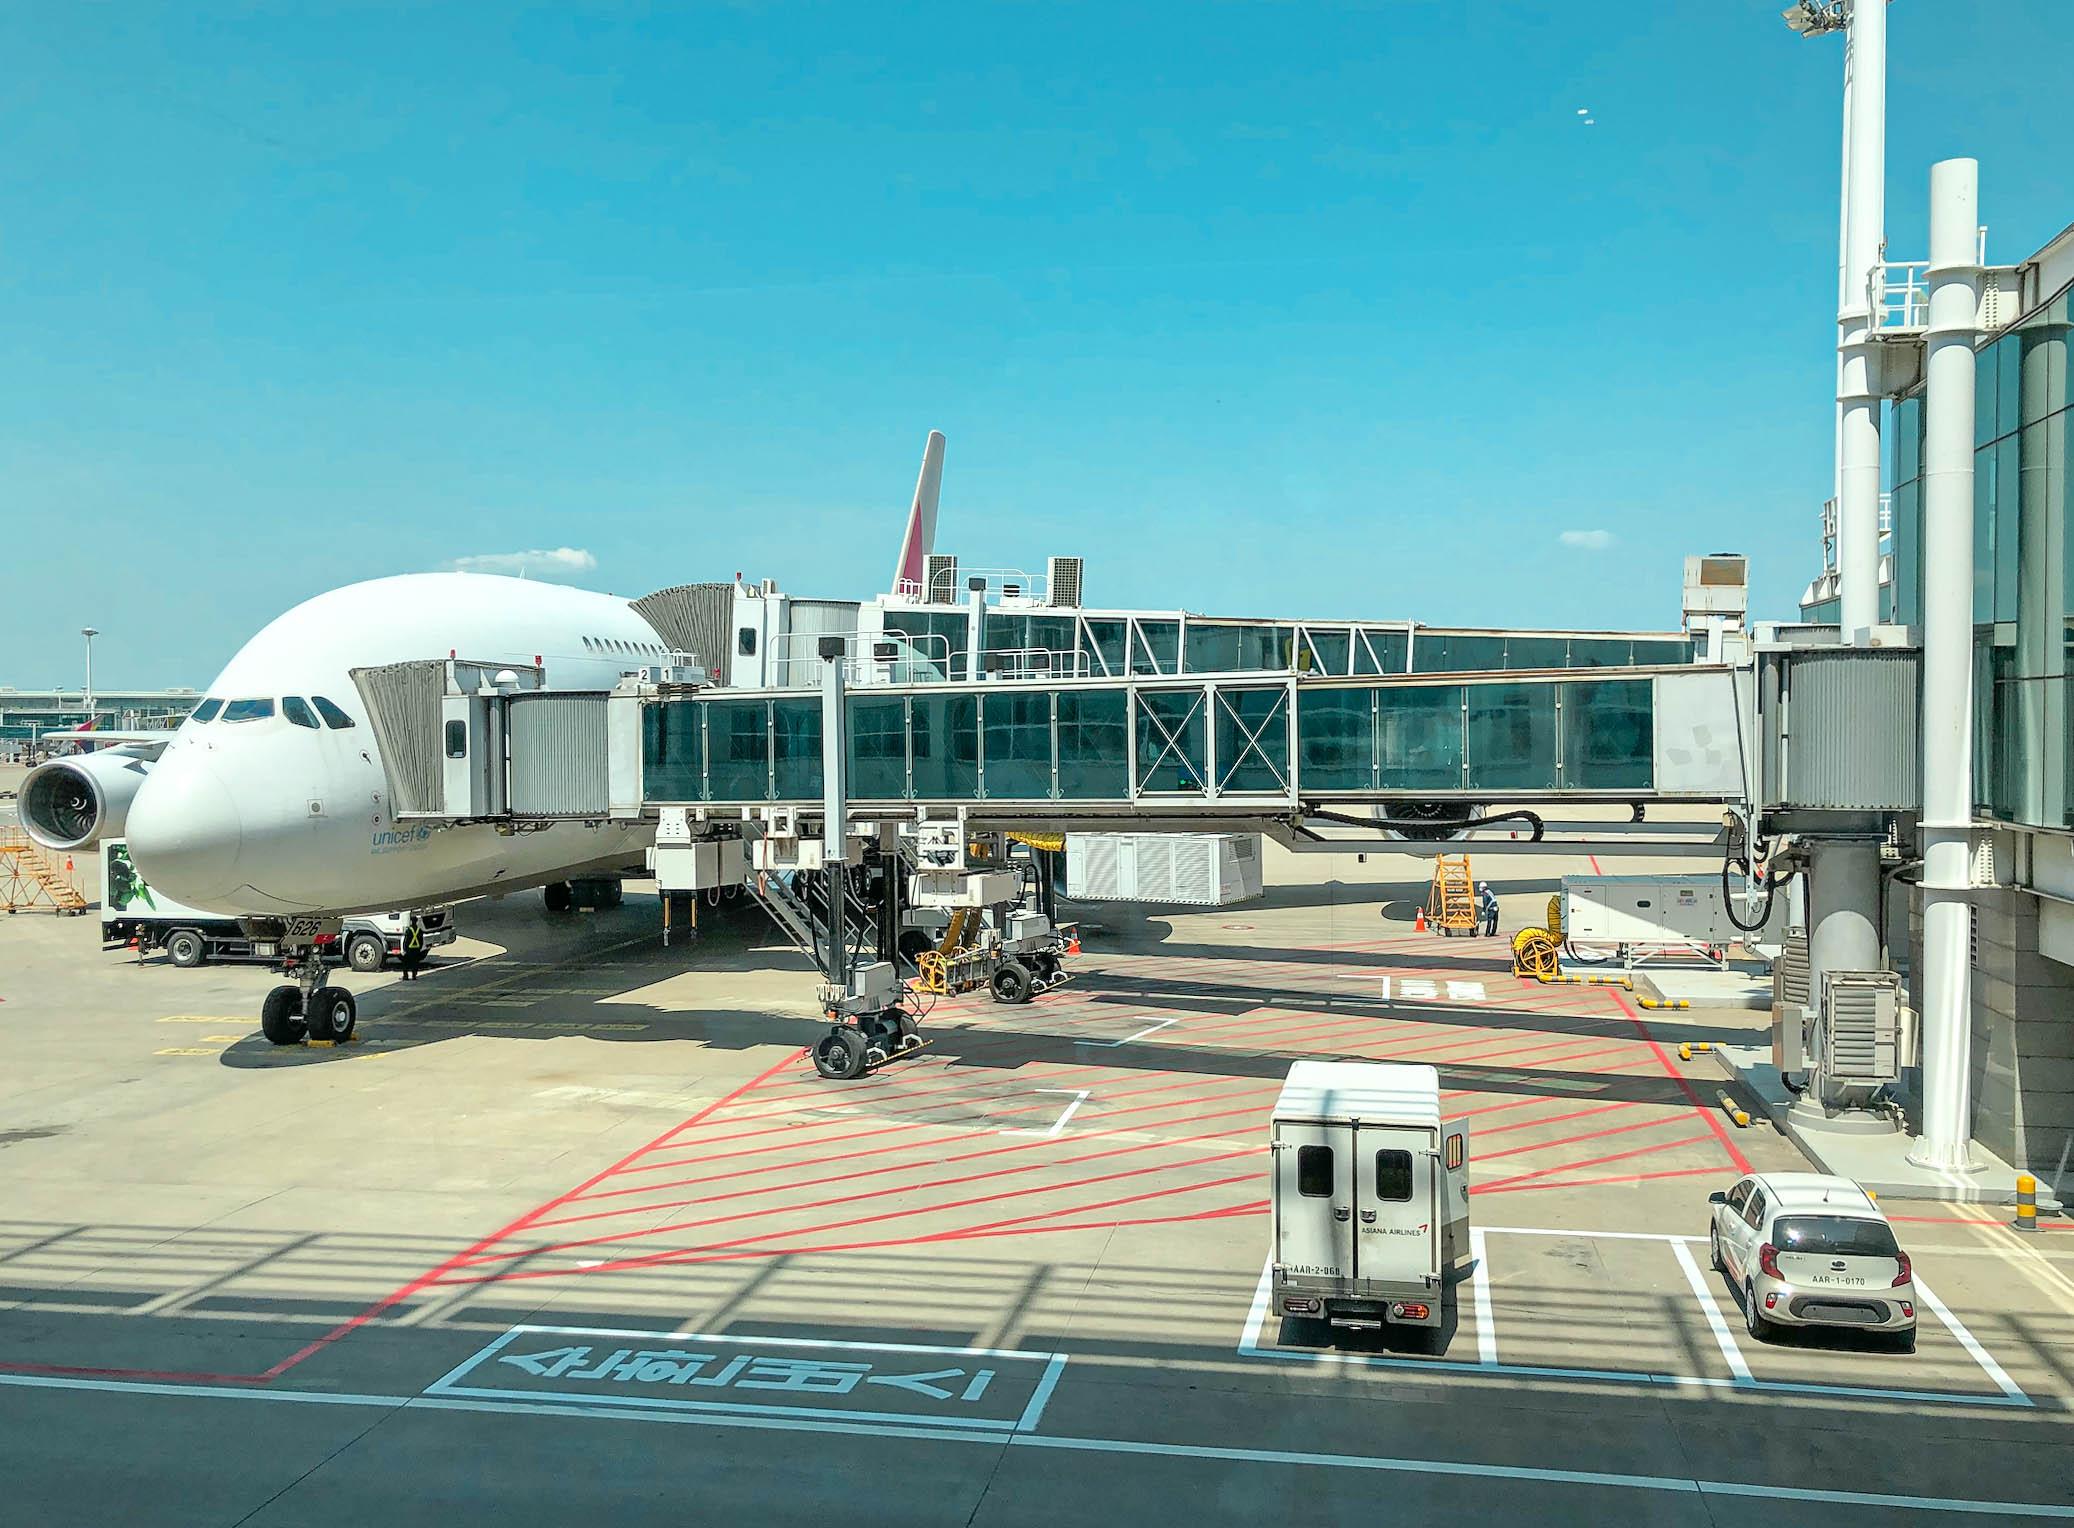 인천공항의 풍경